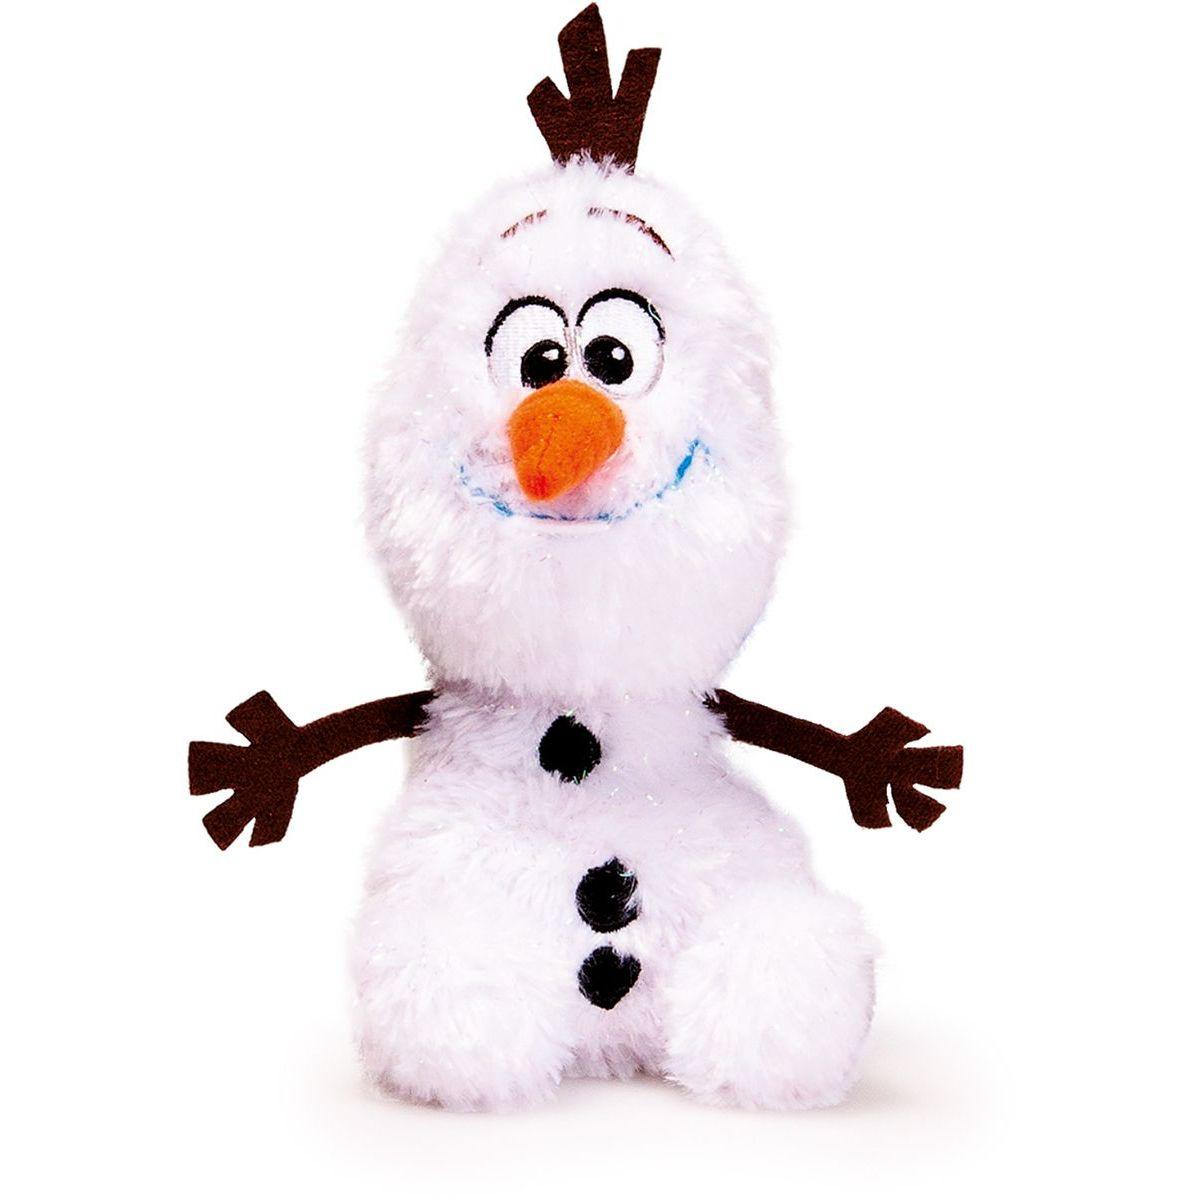 Dino Disney Frozen 2 Olaf třpytivý 20 cm plyš